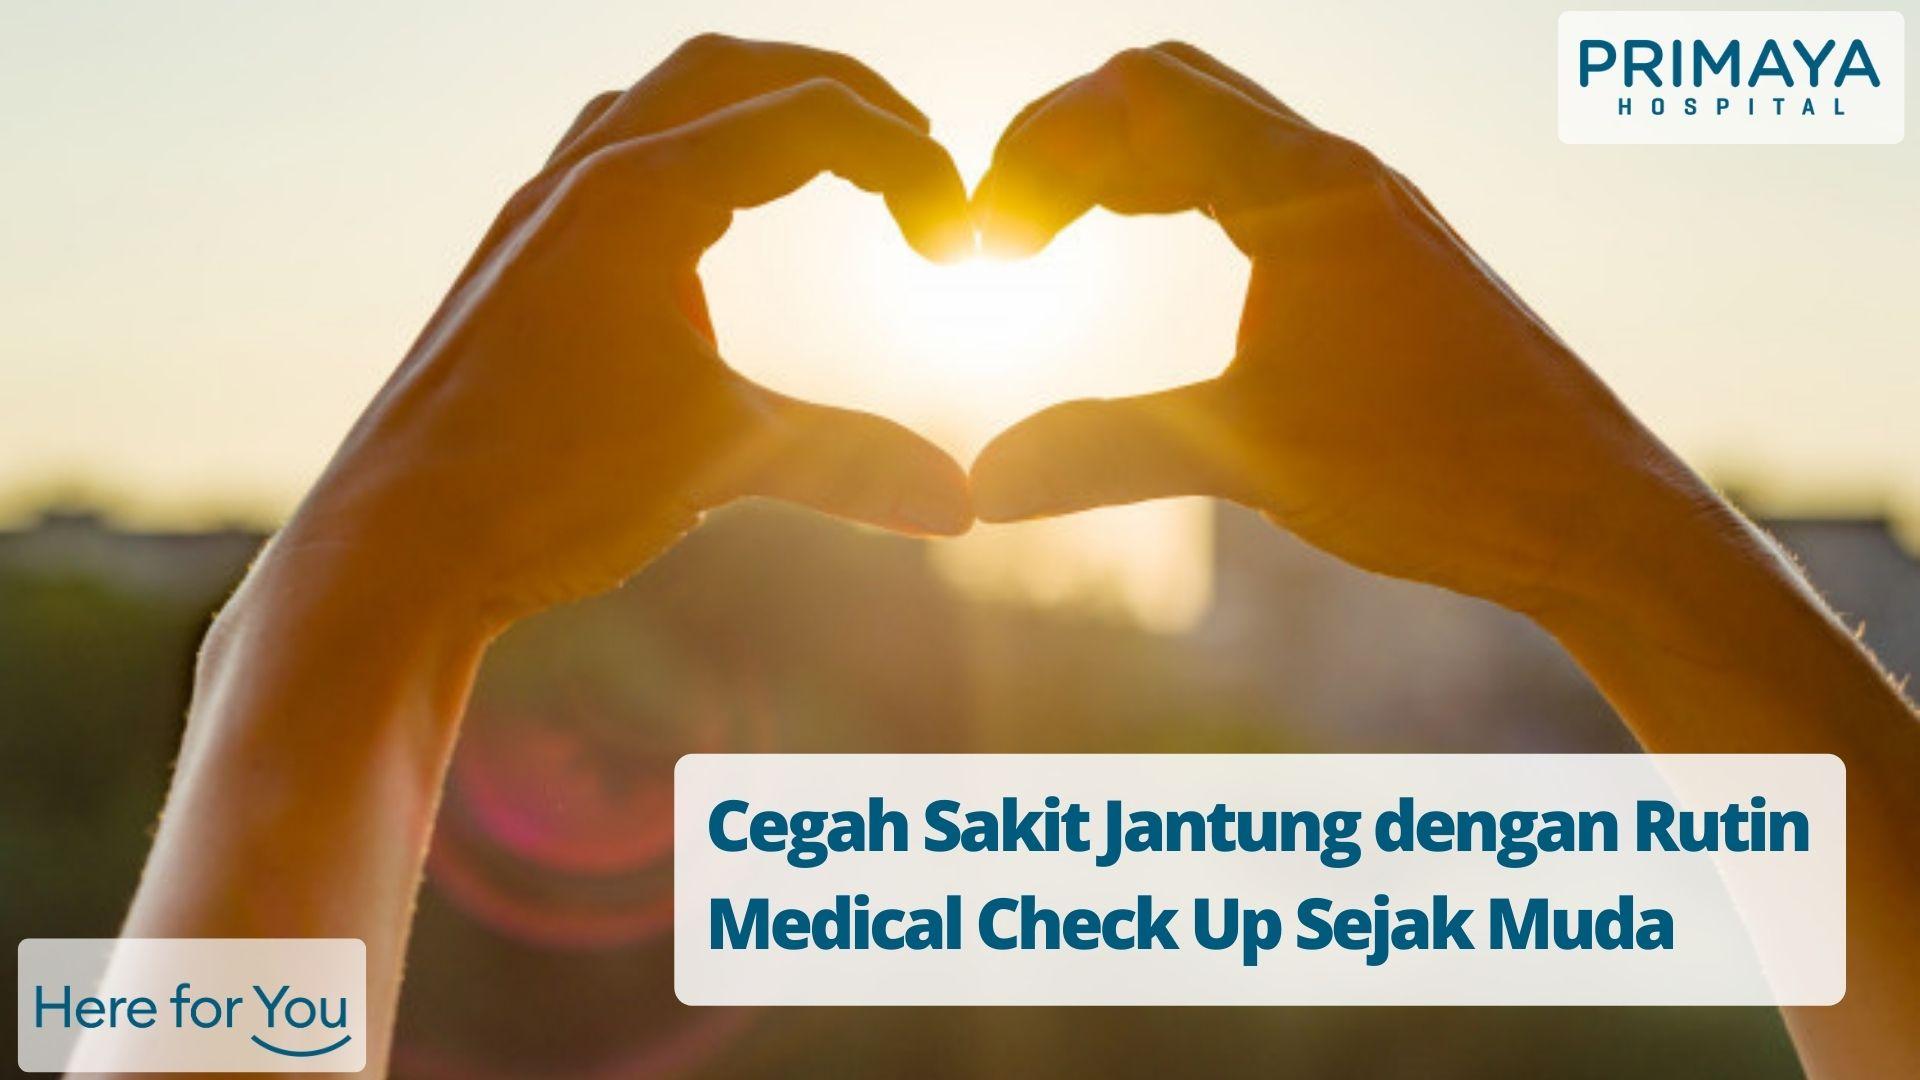 Cegah Sakit Jantung dengan Rutin Medical Check Up Sejak Muda